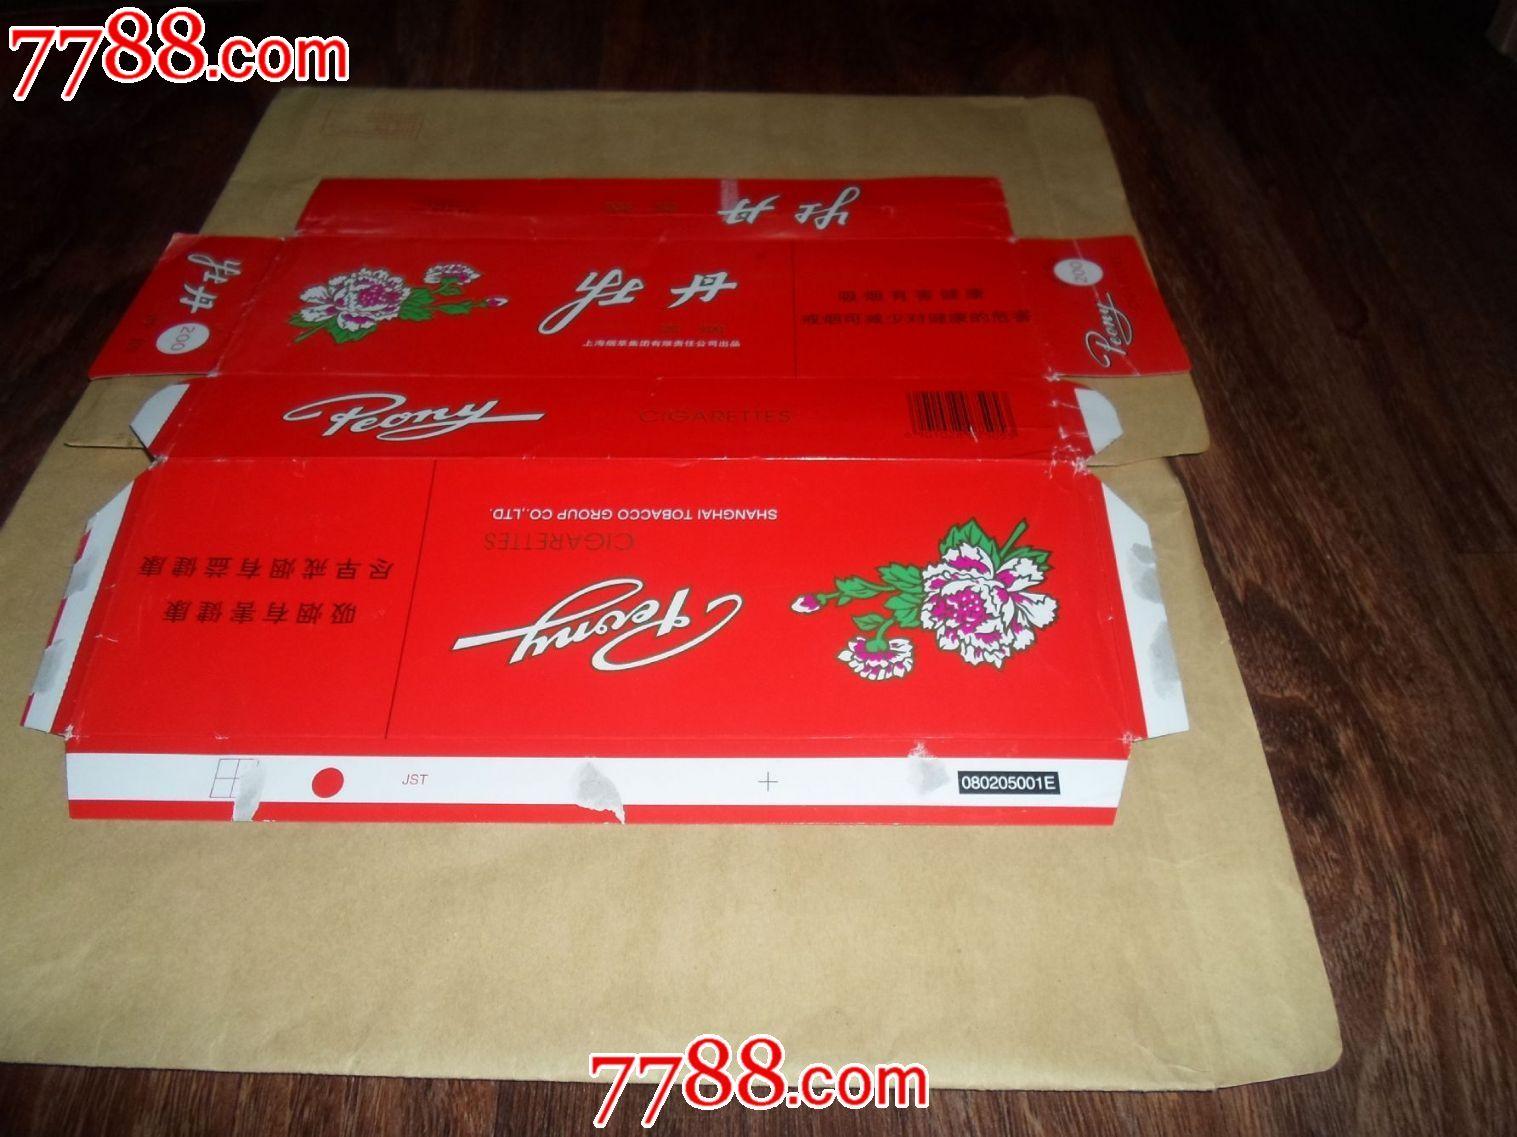 牡丹-价格:1.0000元-se19878162-烟标/烟盒-零售-7788